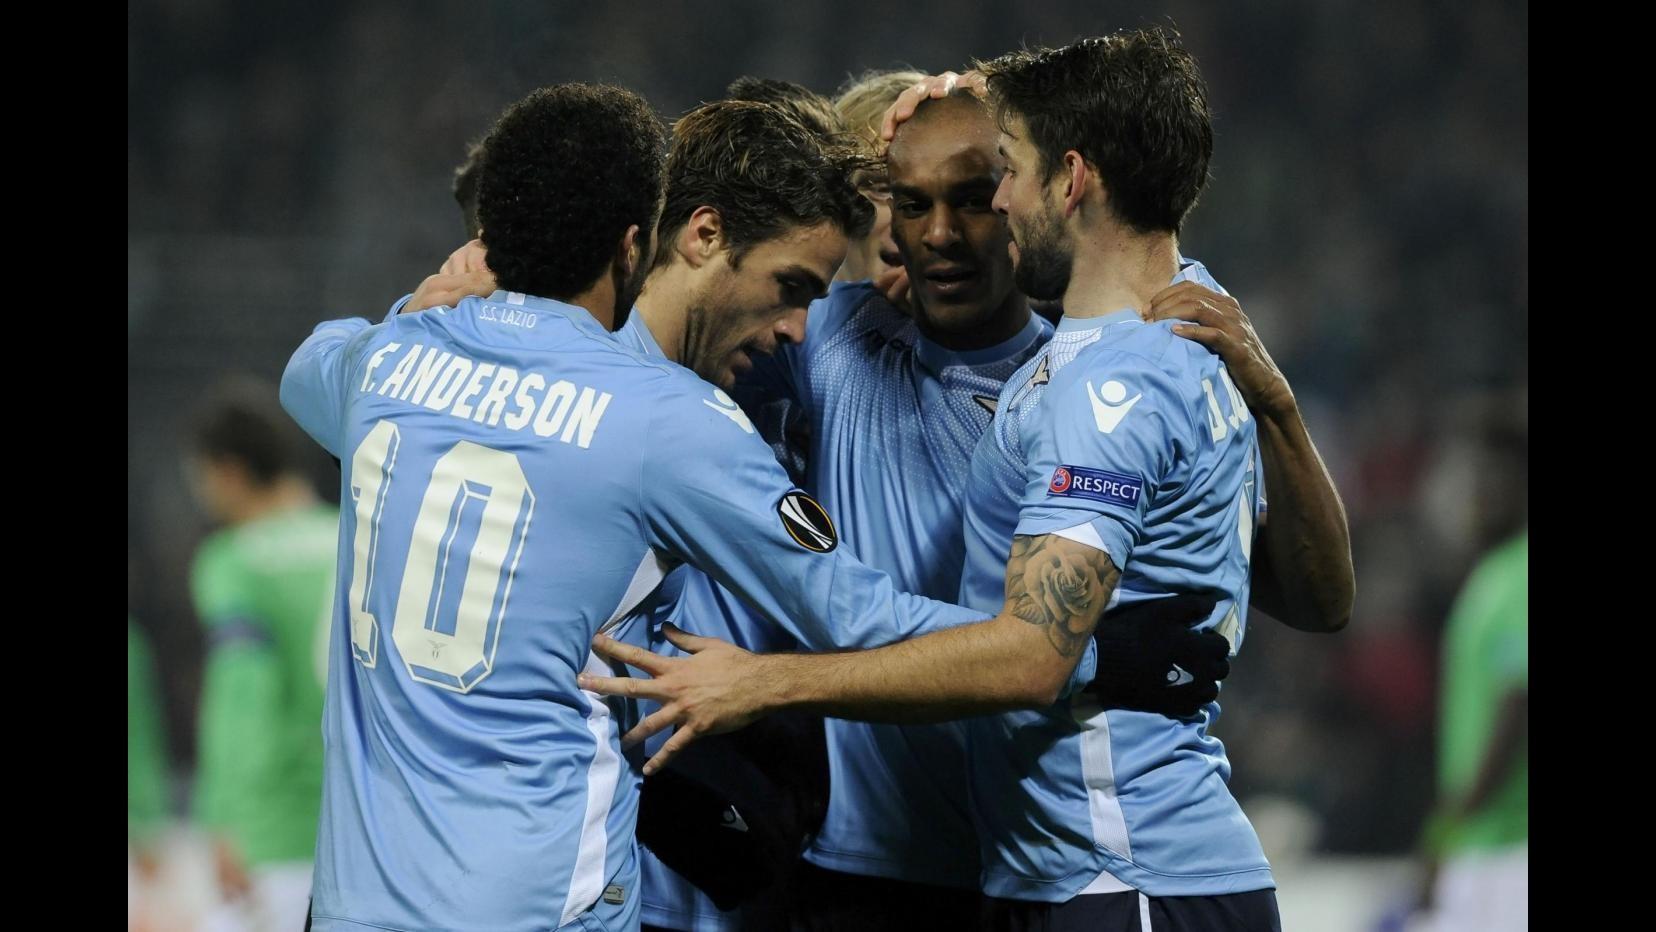 Europa League, Matri illude la Lazio: 1-1 con Saint Etienne